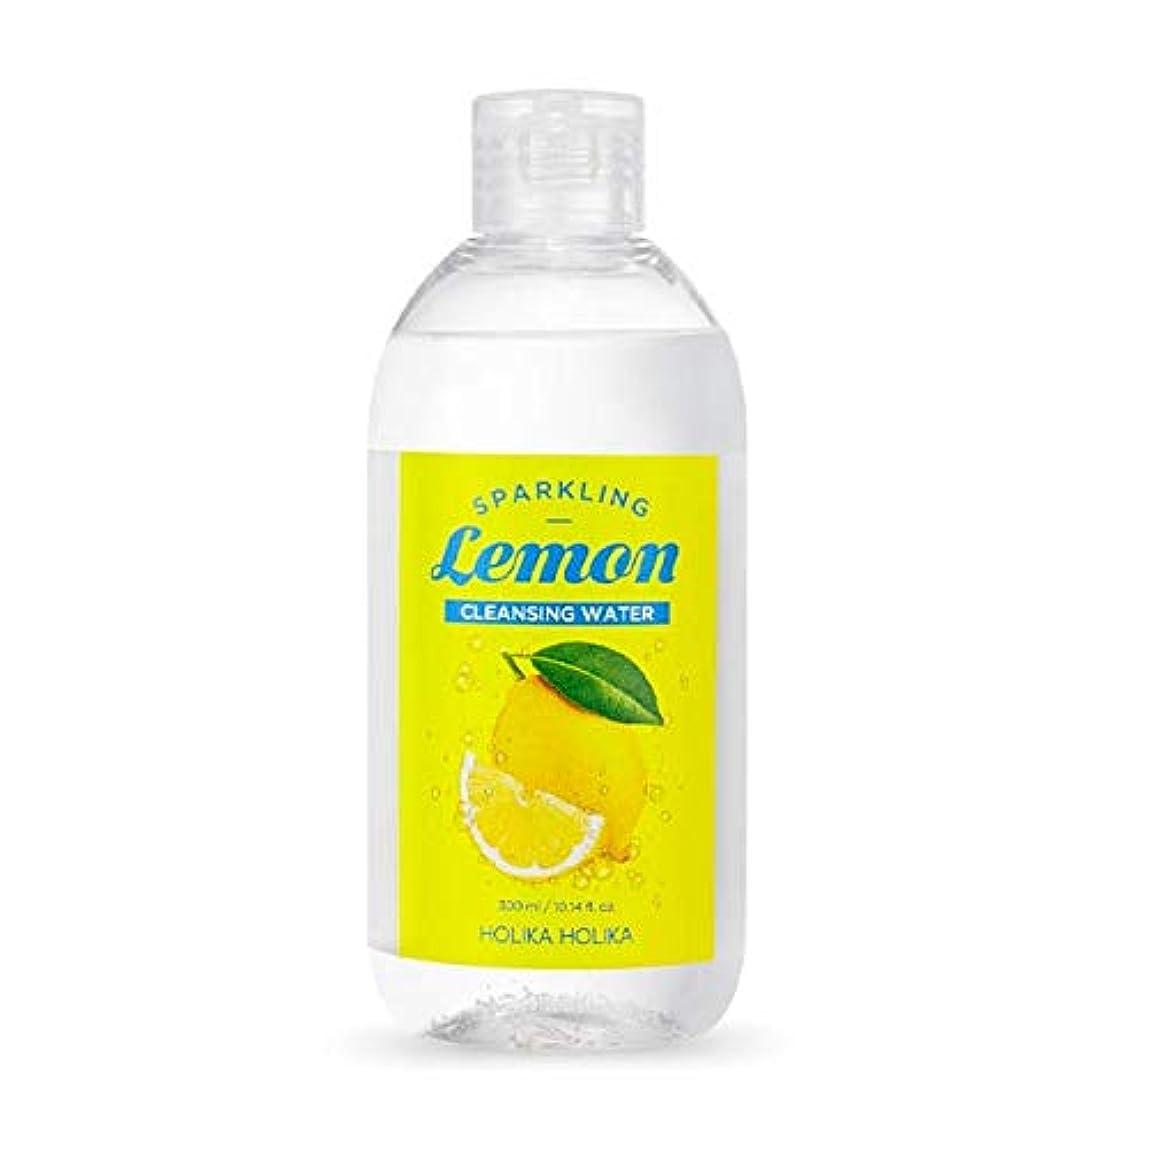 マーガレットミッチェル不純鳥ホリカホリカ 炭酸レモンクレンジングウォーター 300ml / Holika Holika Sparkling Lemon Cleansing Water 300ml [並行輸入品]